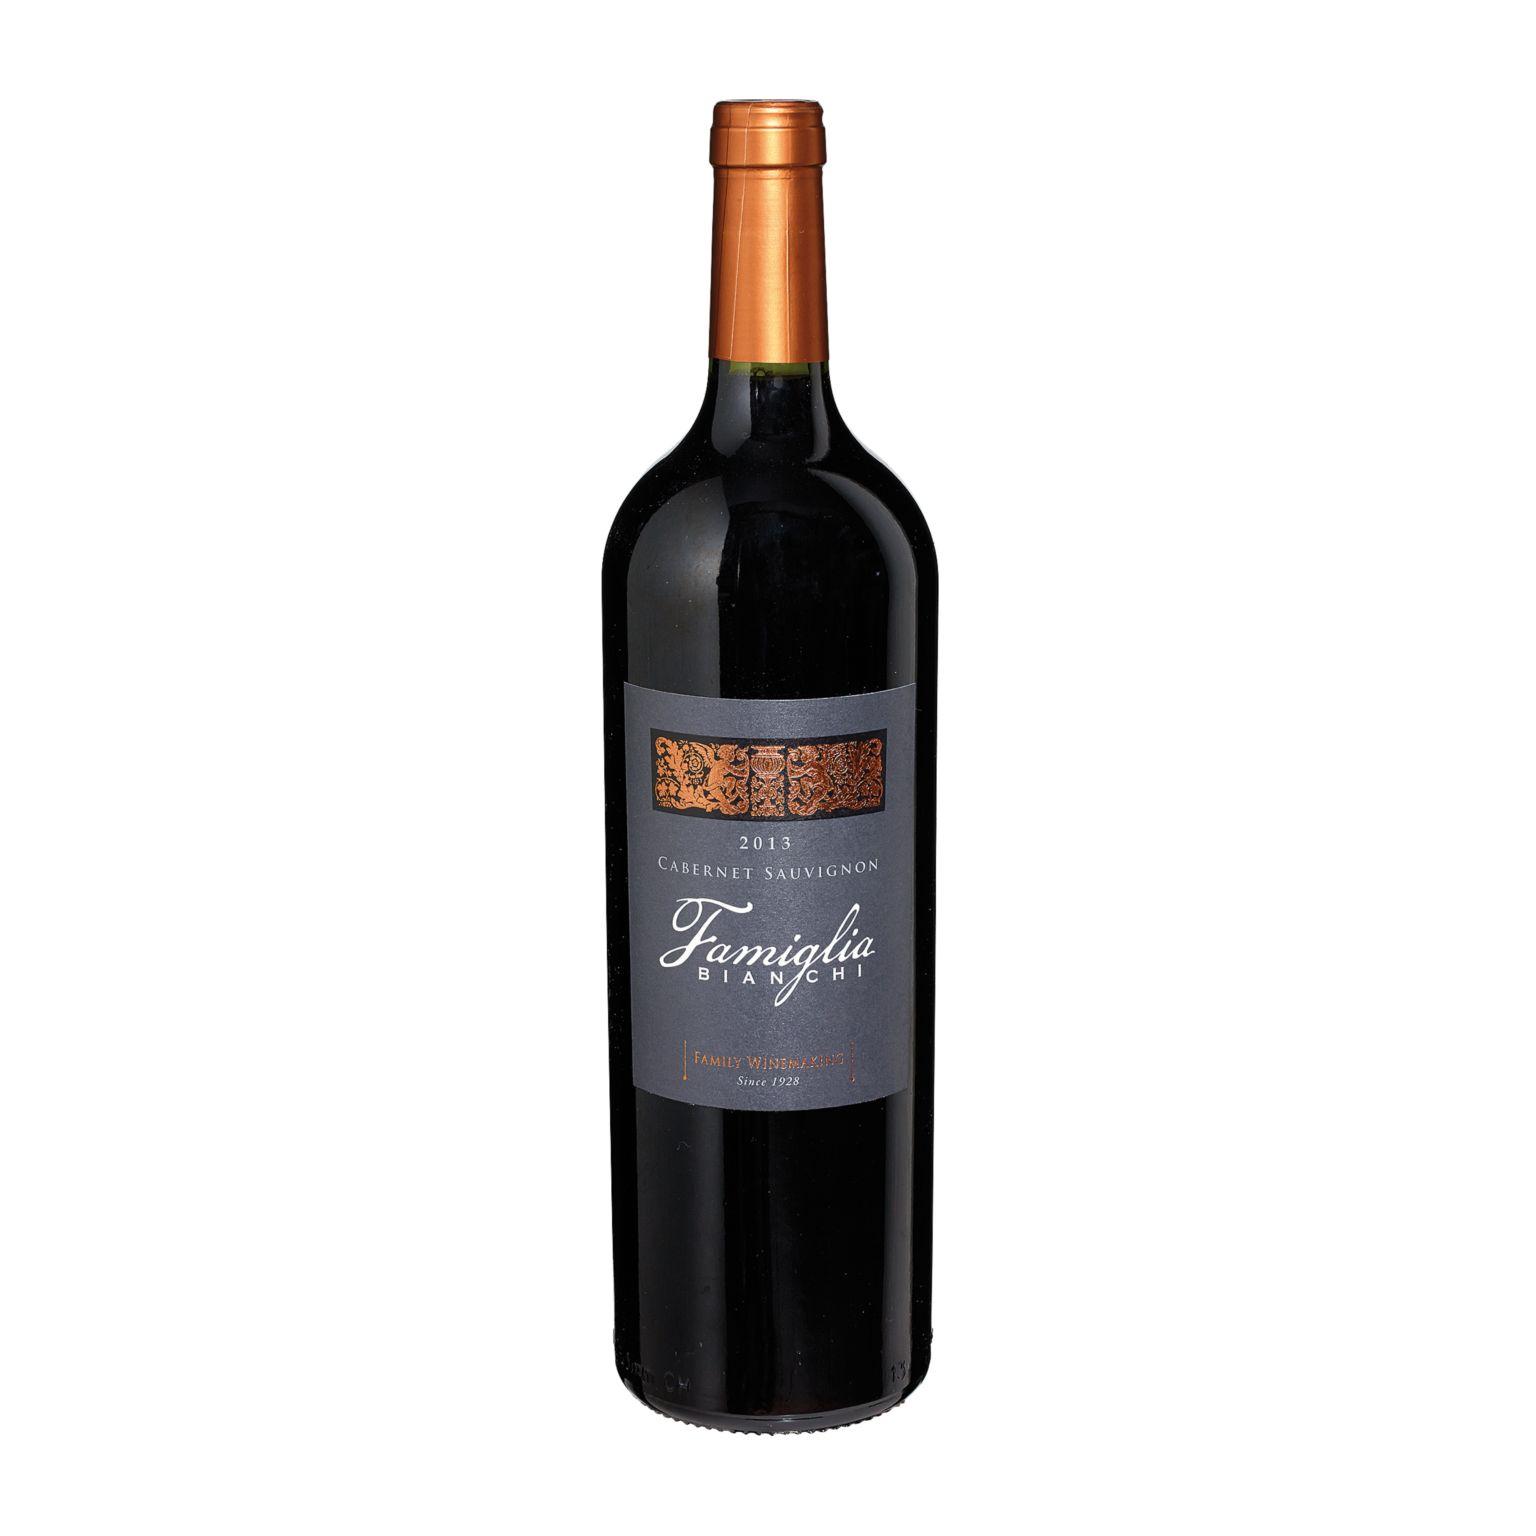 Red Wine, 2013 FAMIGLIA BIANCHI – CABERNET SAUVIGNON